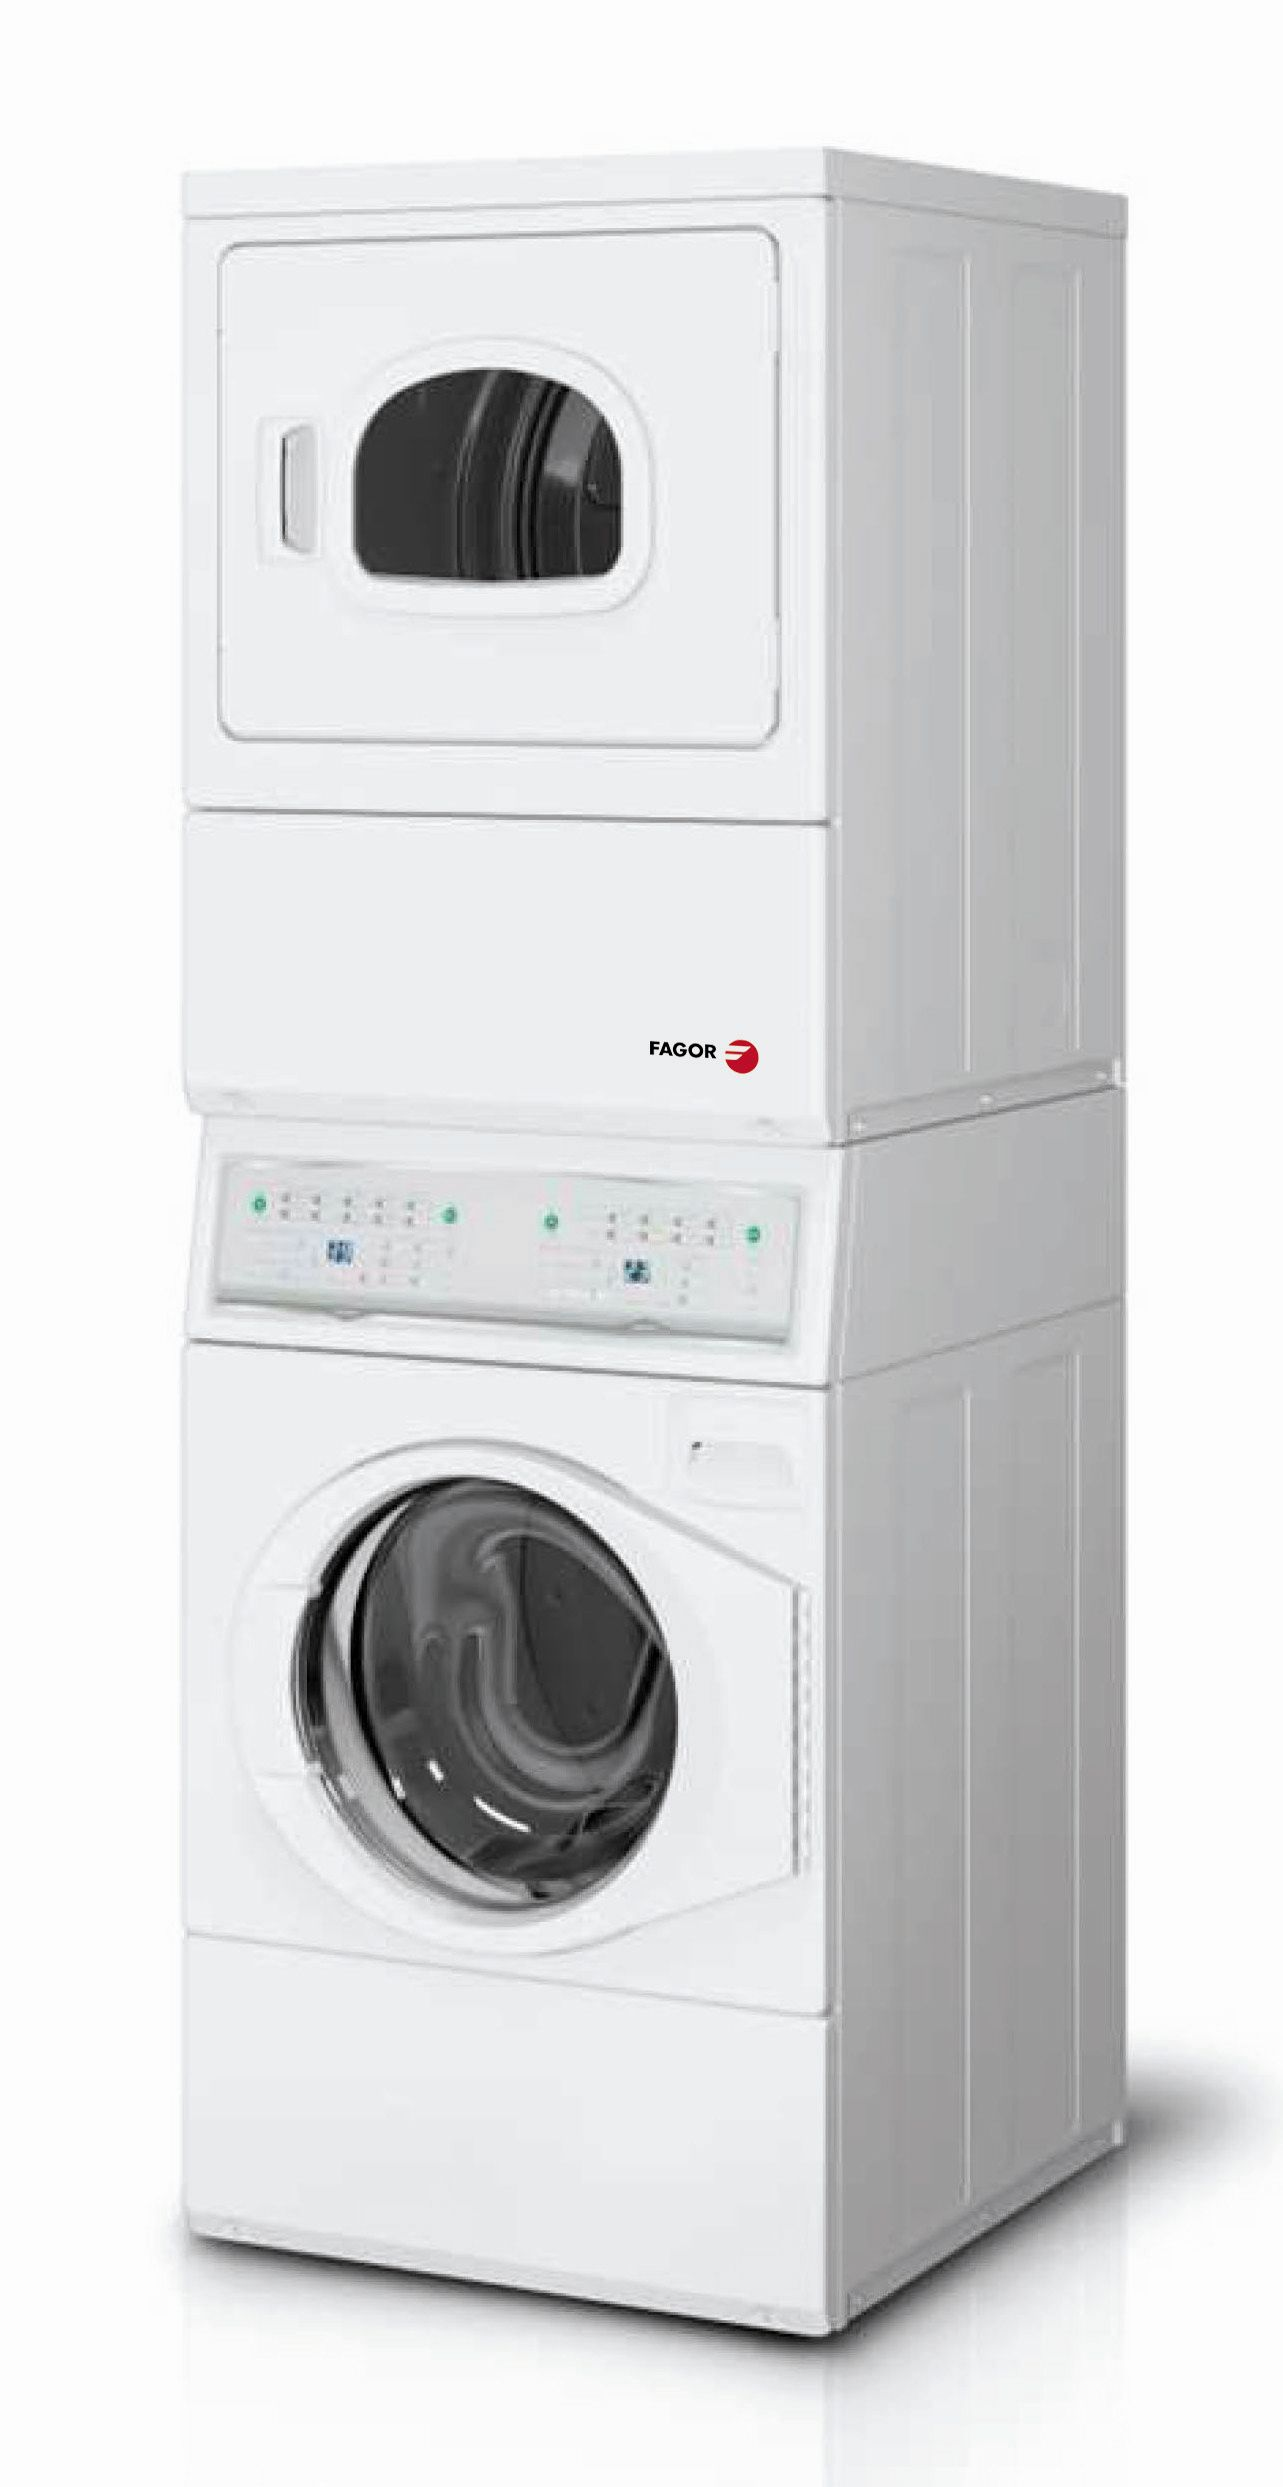 Conjunto lavadora secadora fagor pwd 10 for Mueble columna lavadora secadora